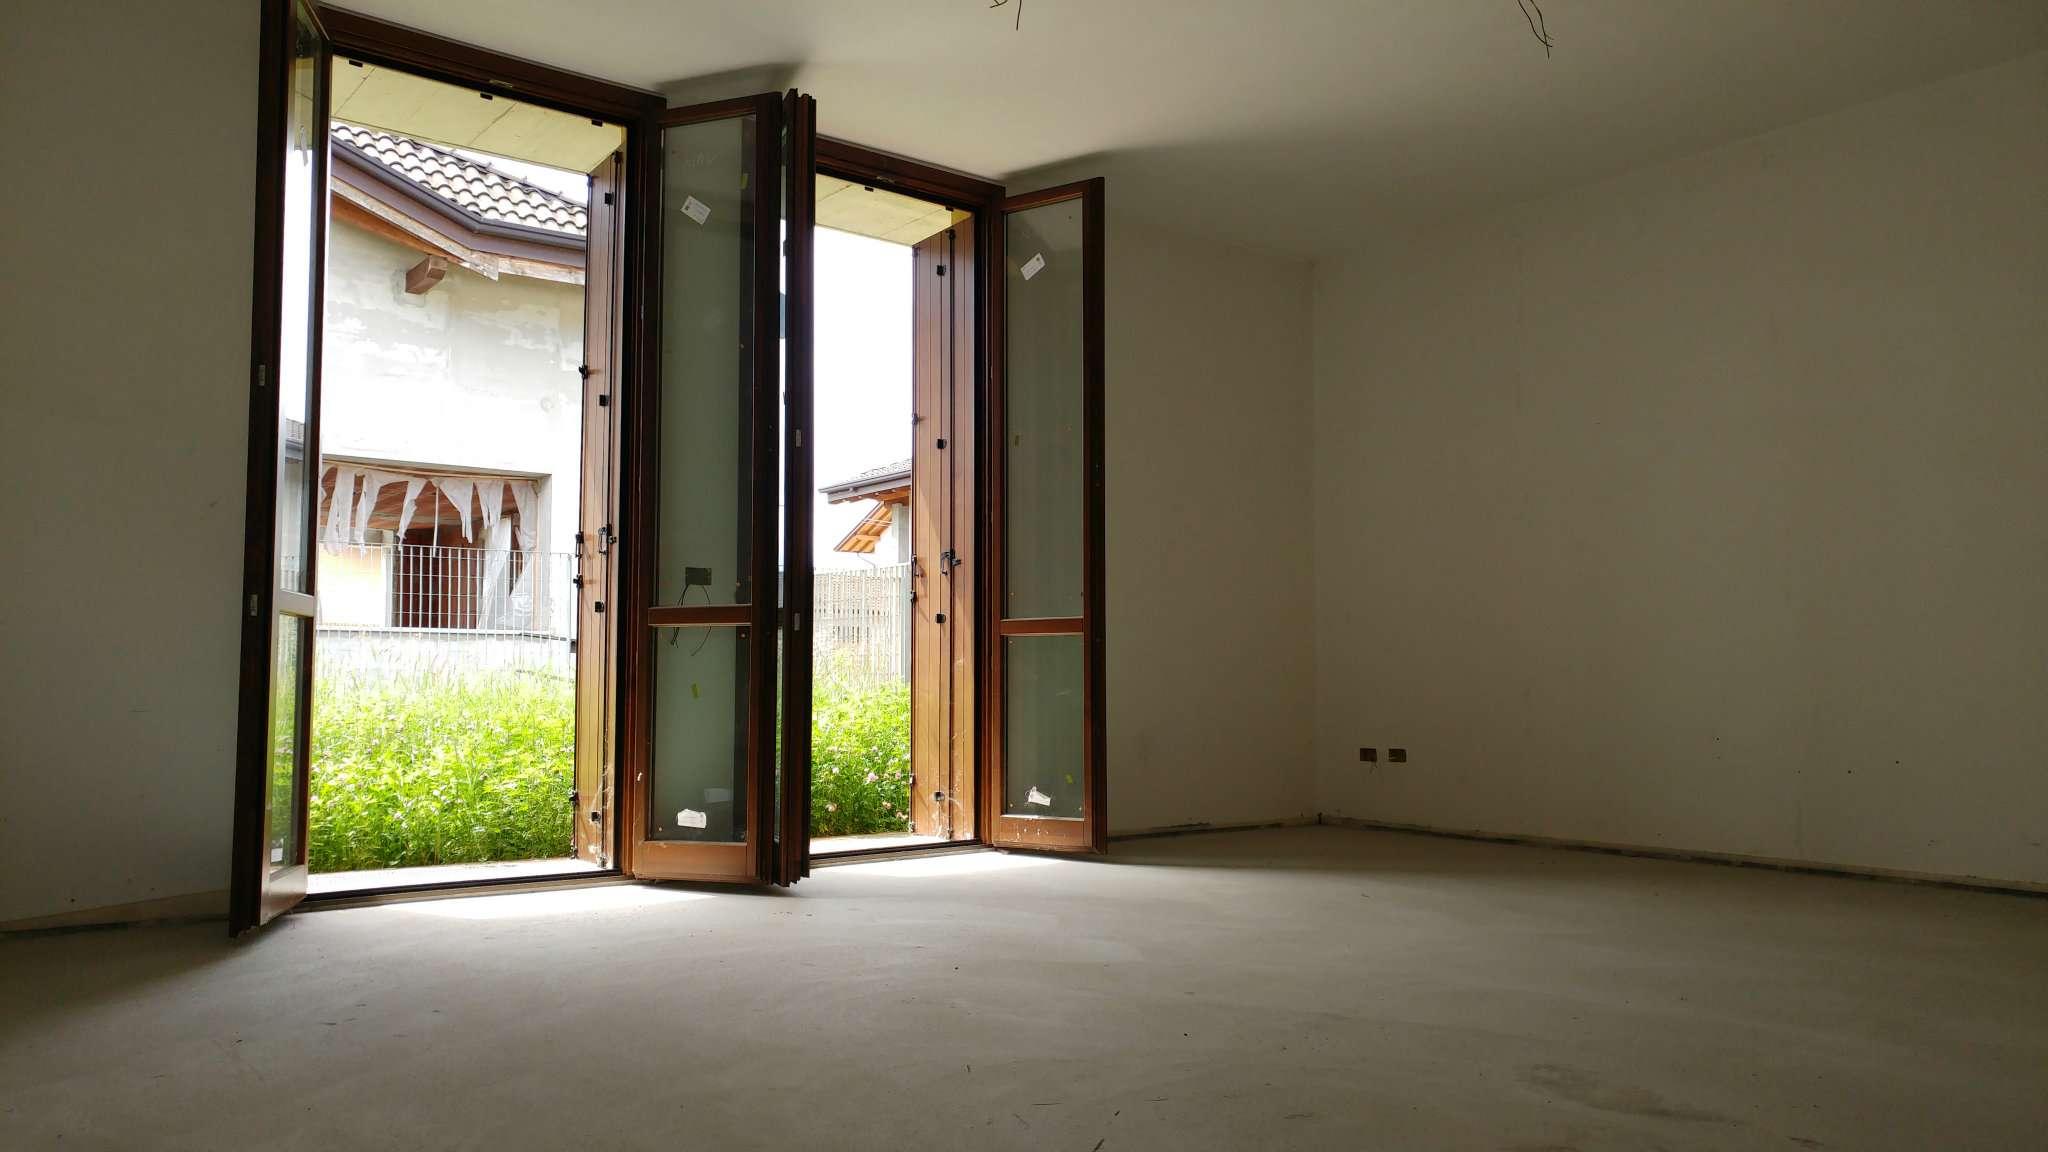 Soluzione Indipendente in vendita a Cairate, 4 locali, prezzo € 300.000 | CambioCasa.it